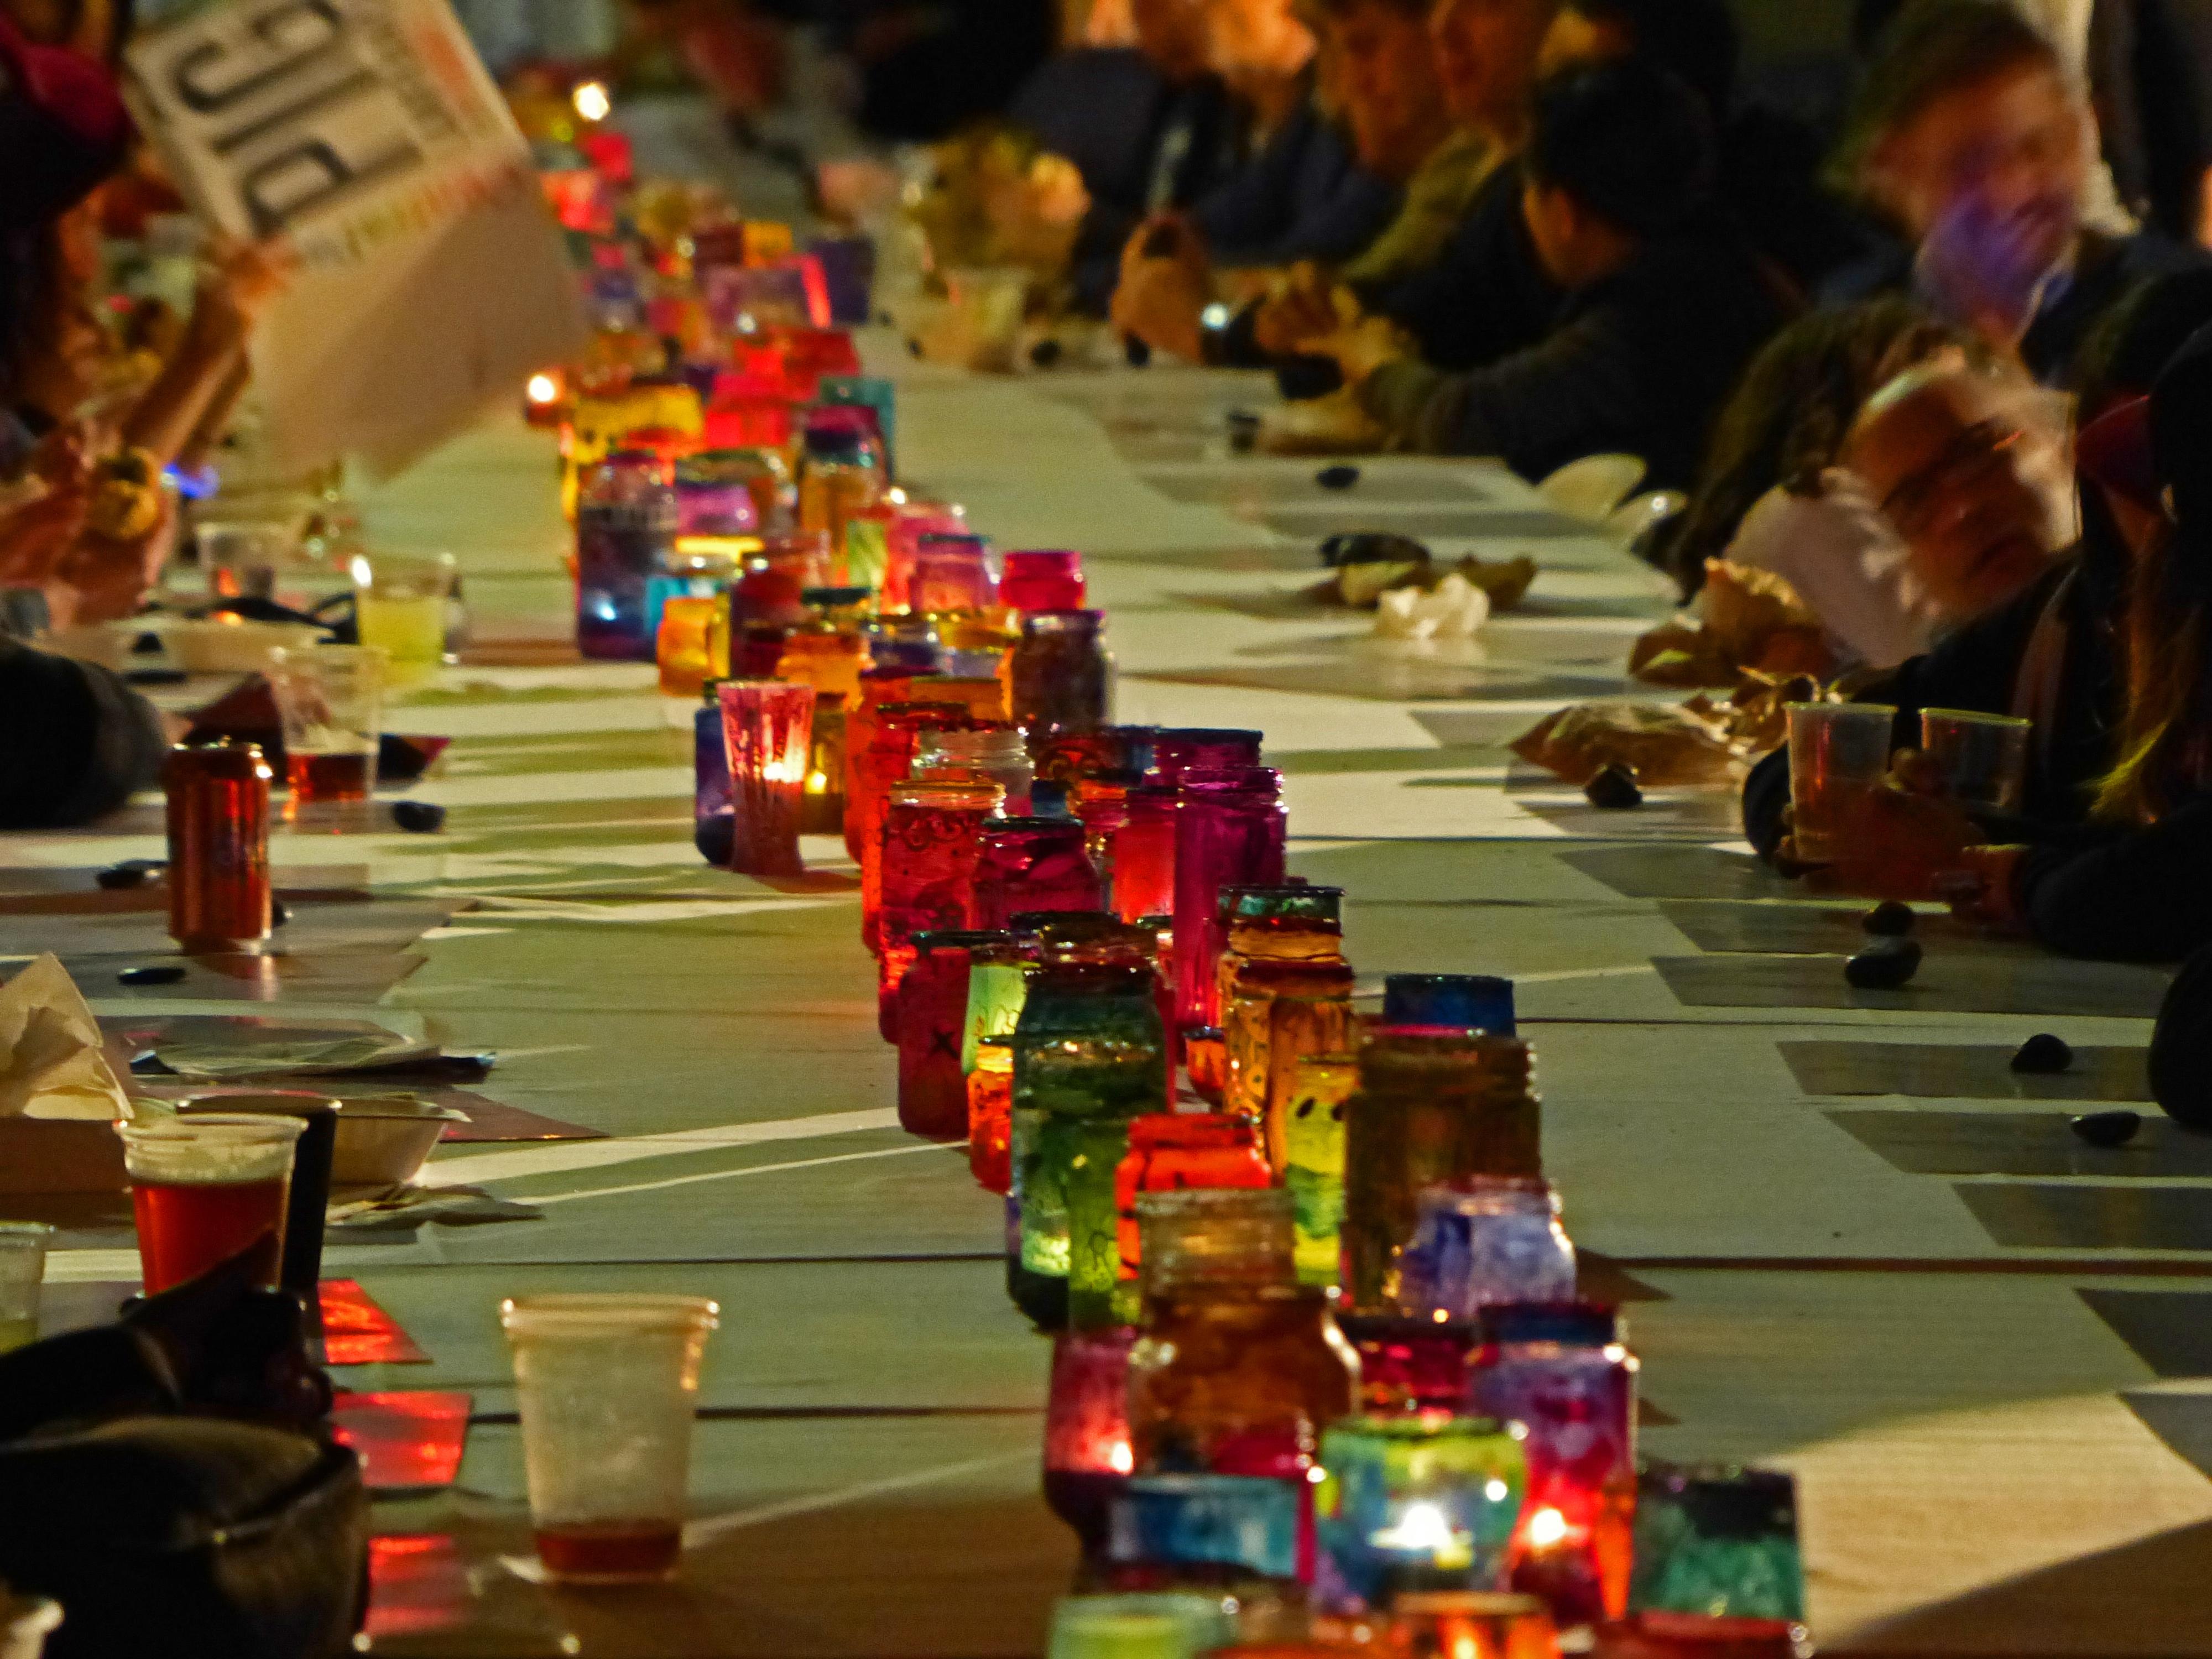 Bunte Gläser mit Teelichtern stehen auf der großen Essenstafel an der Menschen sitzen und essen